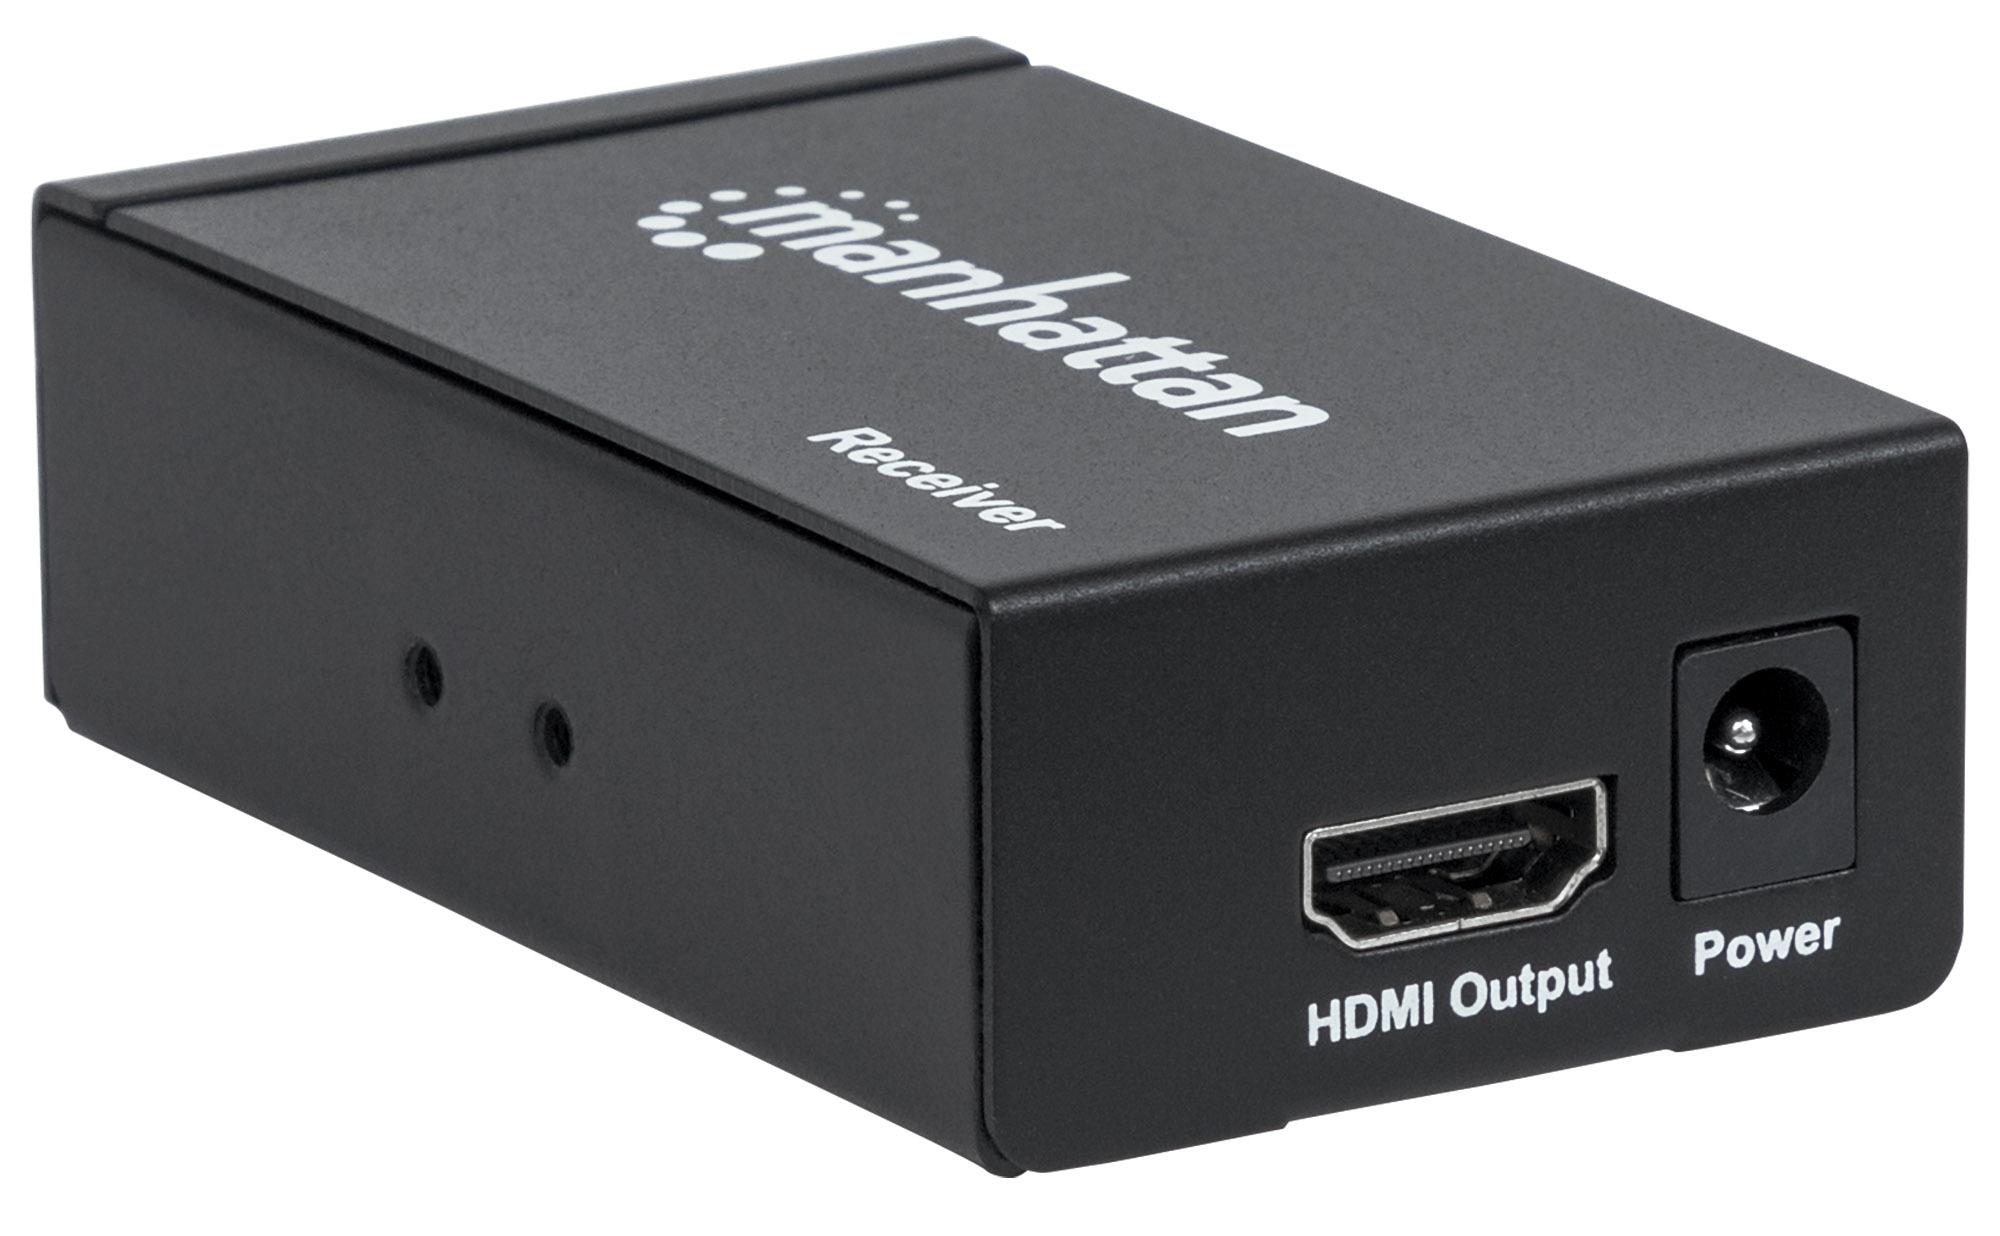 Receiver for 1080p 4-Port HDMI Extending Splitter Transmitter